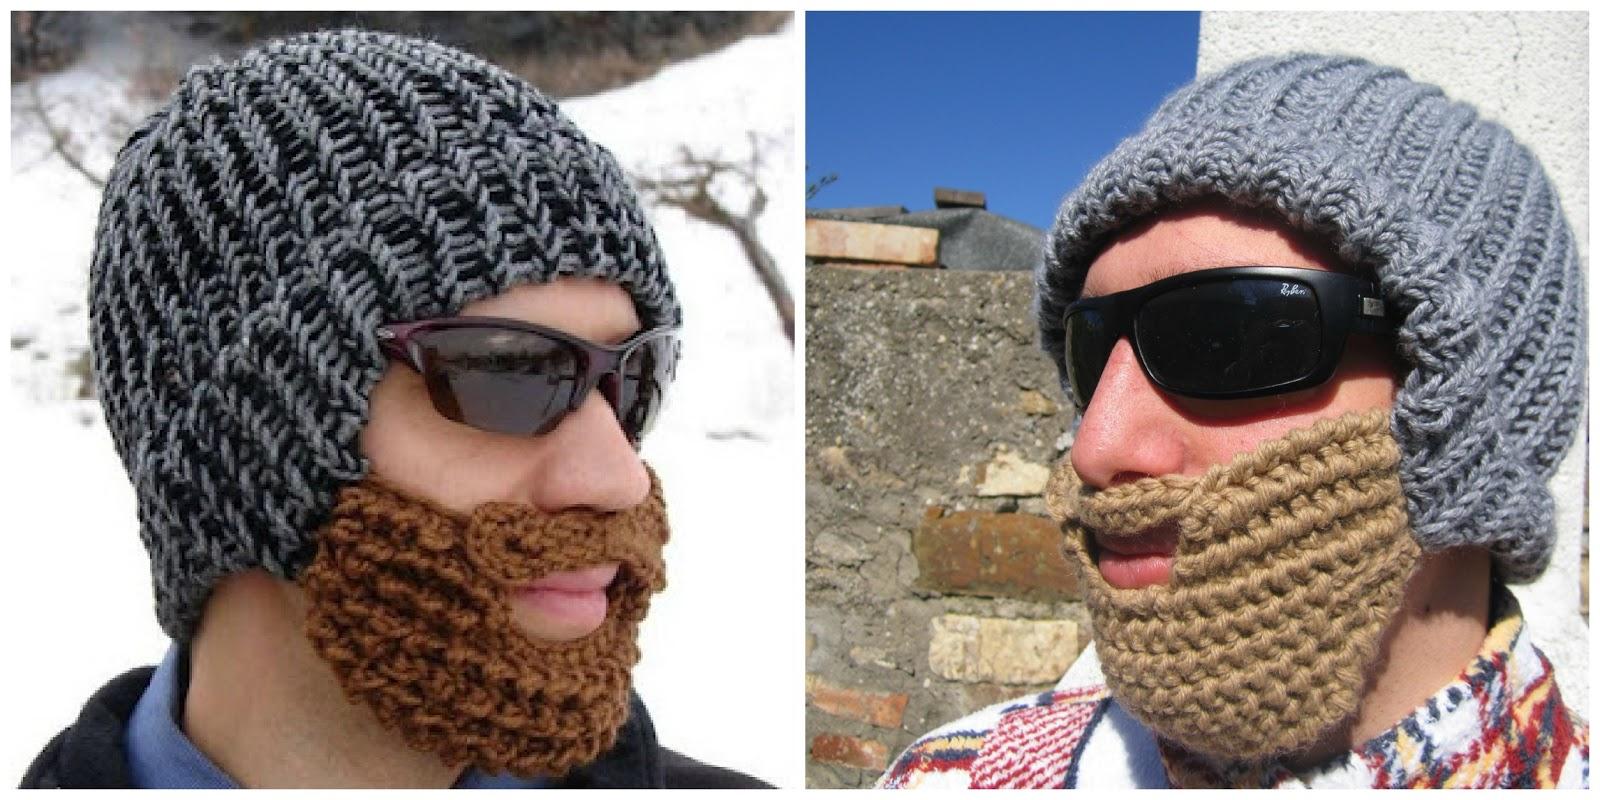 lussureggiante nel design marchio popolare qualità autentica Mi piace fare: Cappello con barba